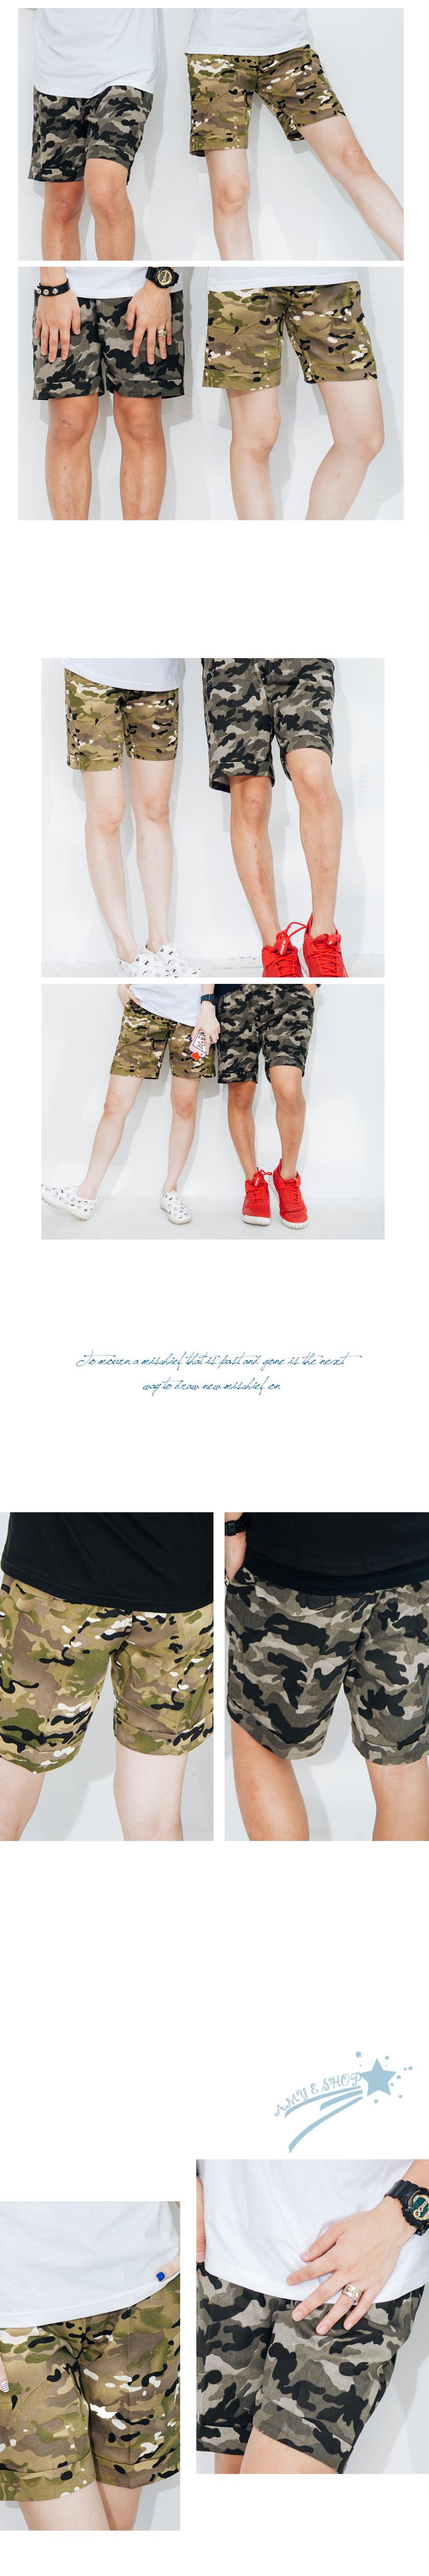 潮褲.飛鼠褲.潮搭必備.迷彩短褲.情侶褲.休閒褲.可單買【M55573】艾咪E舖.情侶褲